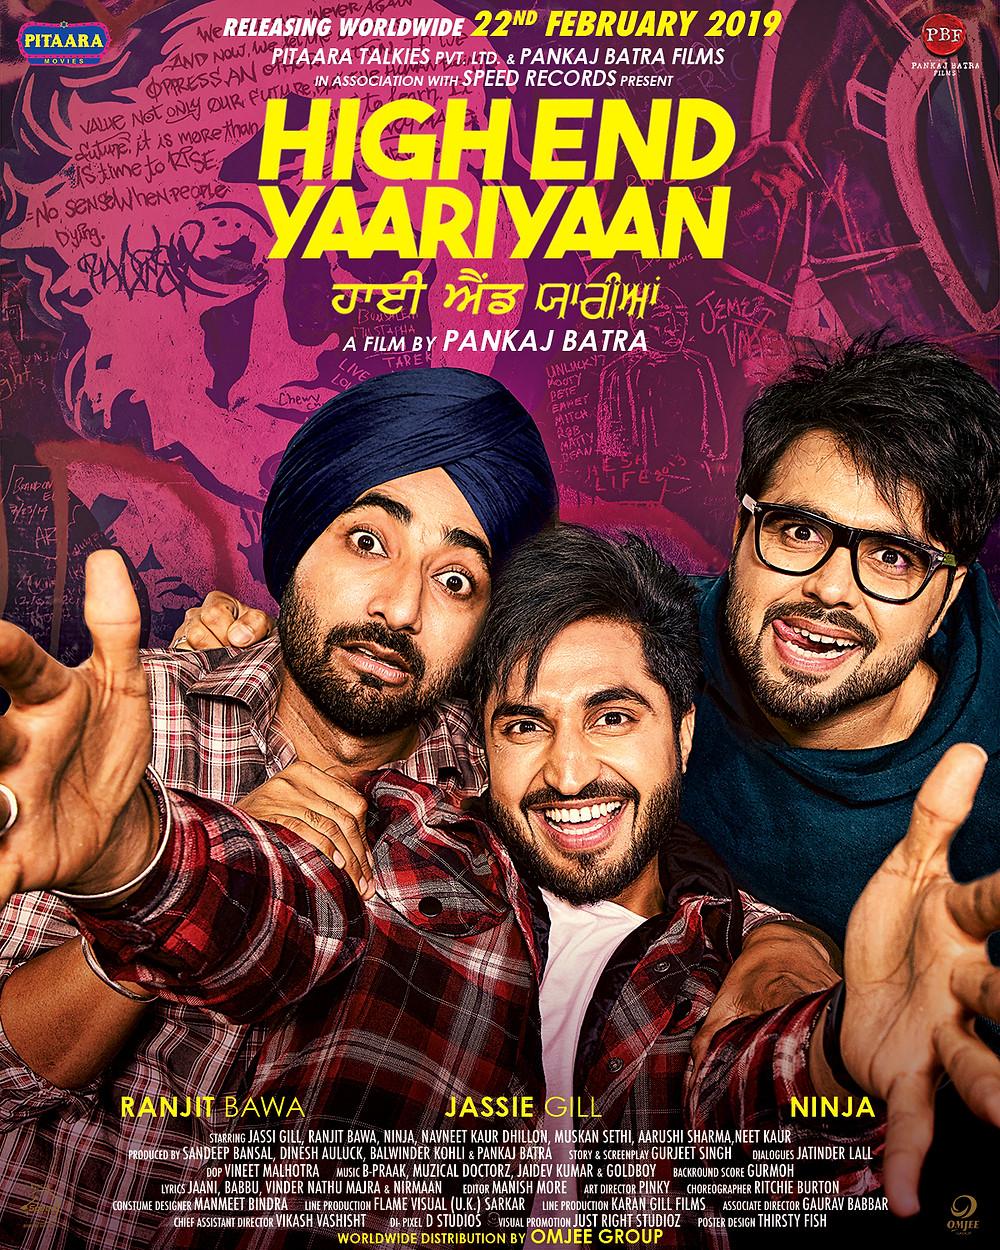 High End Yaariyaan  - A Film By Pankaj Batra